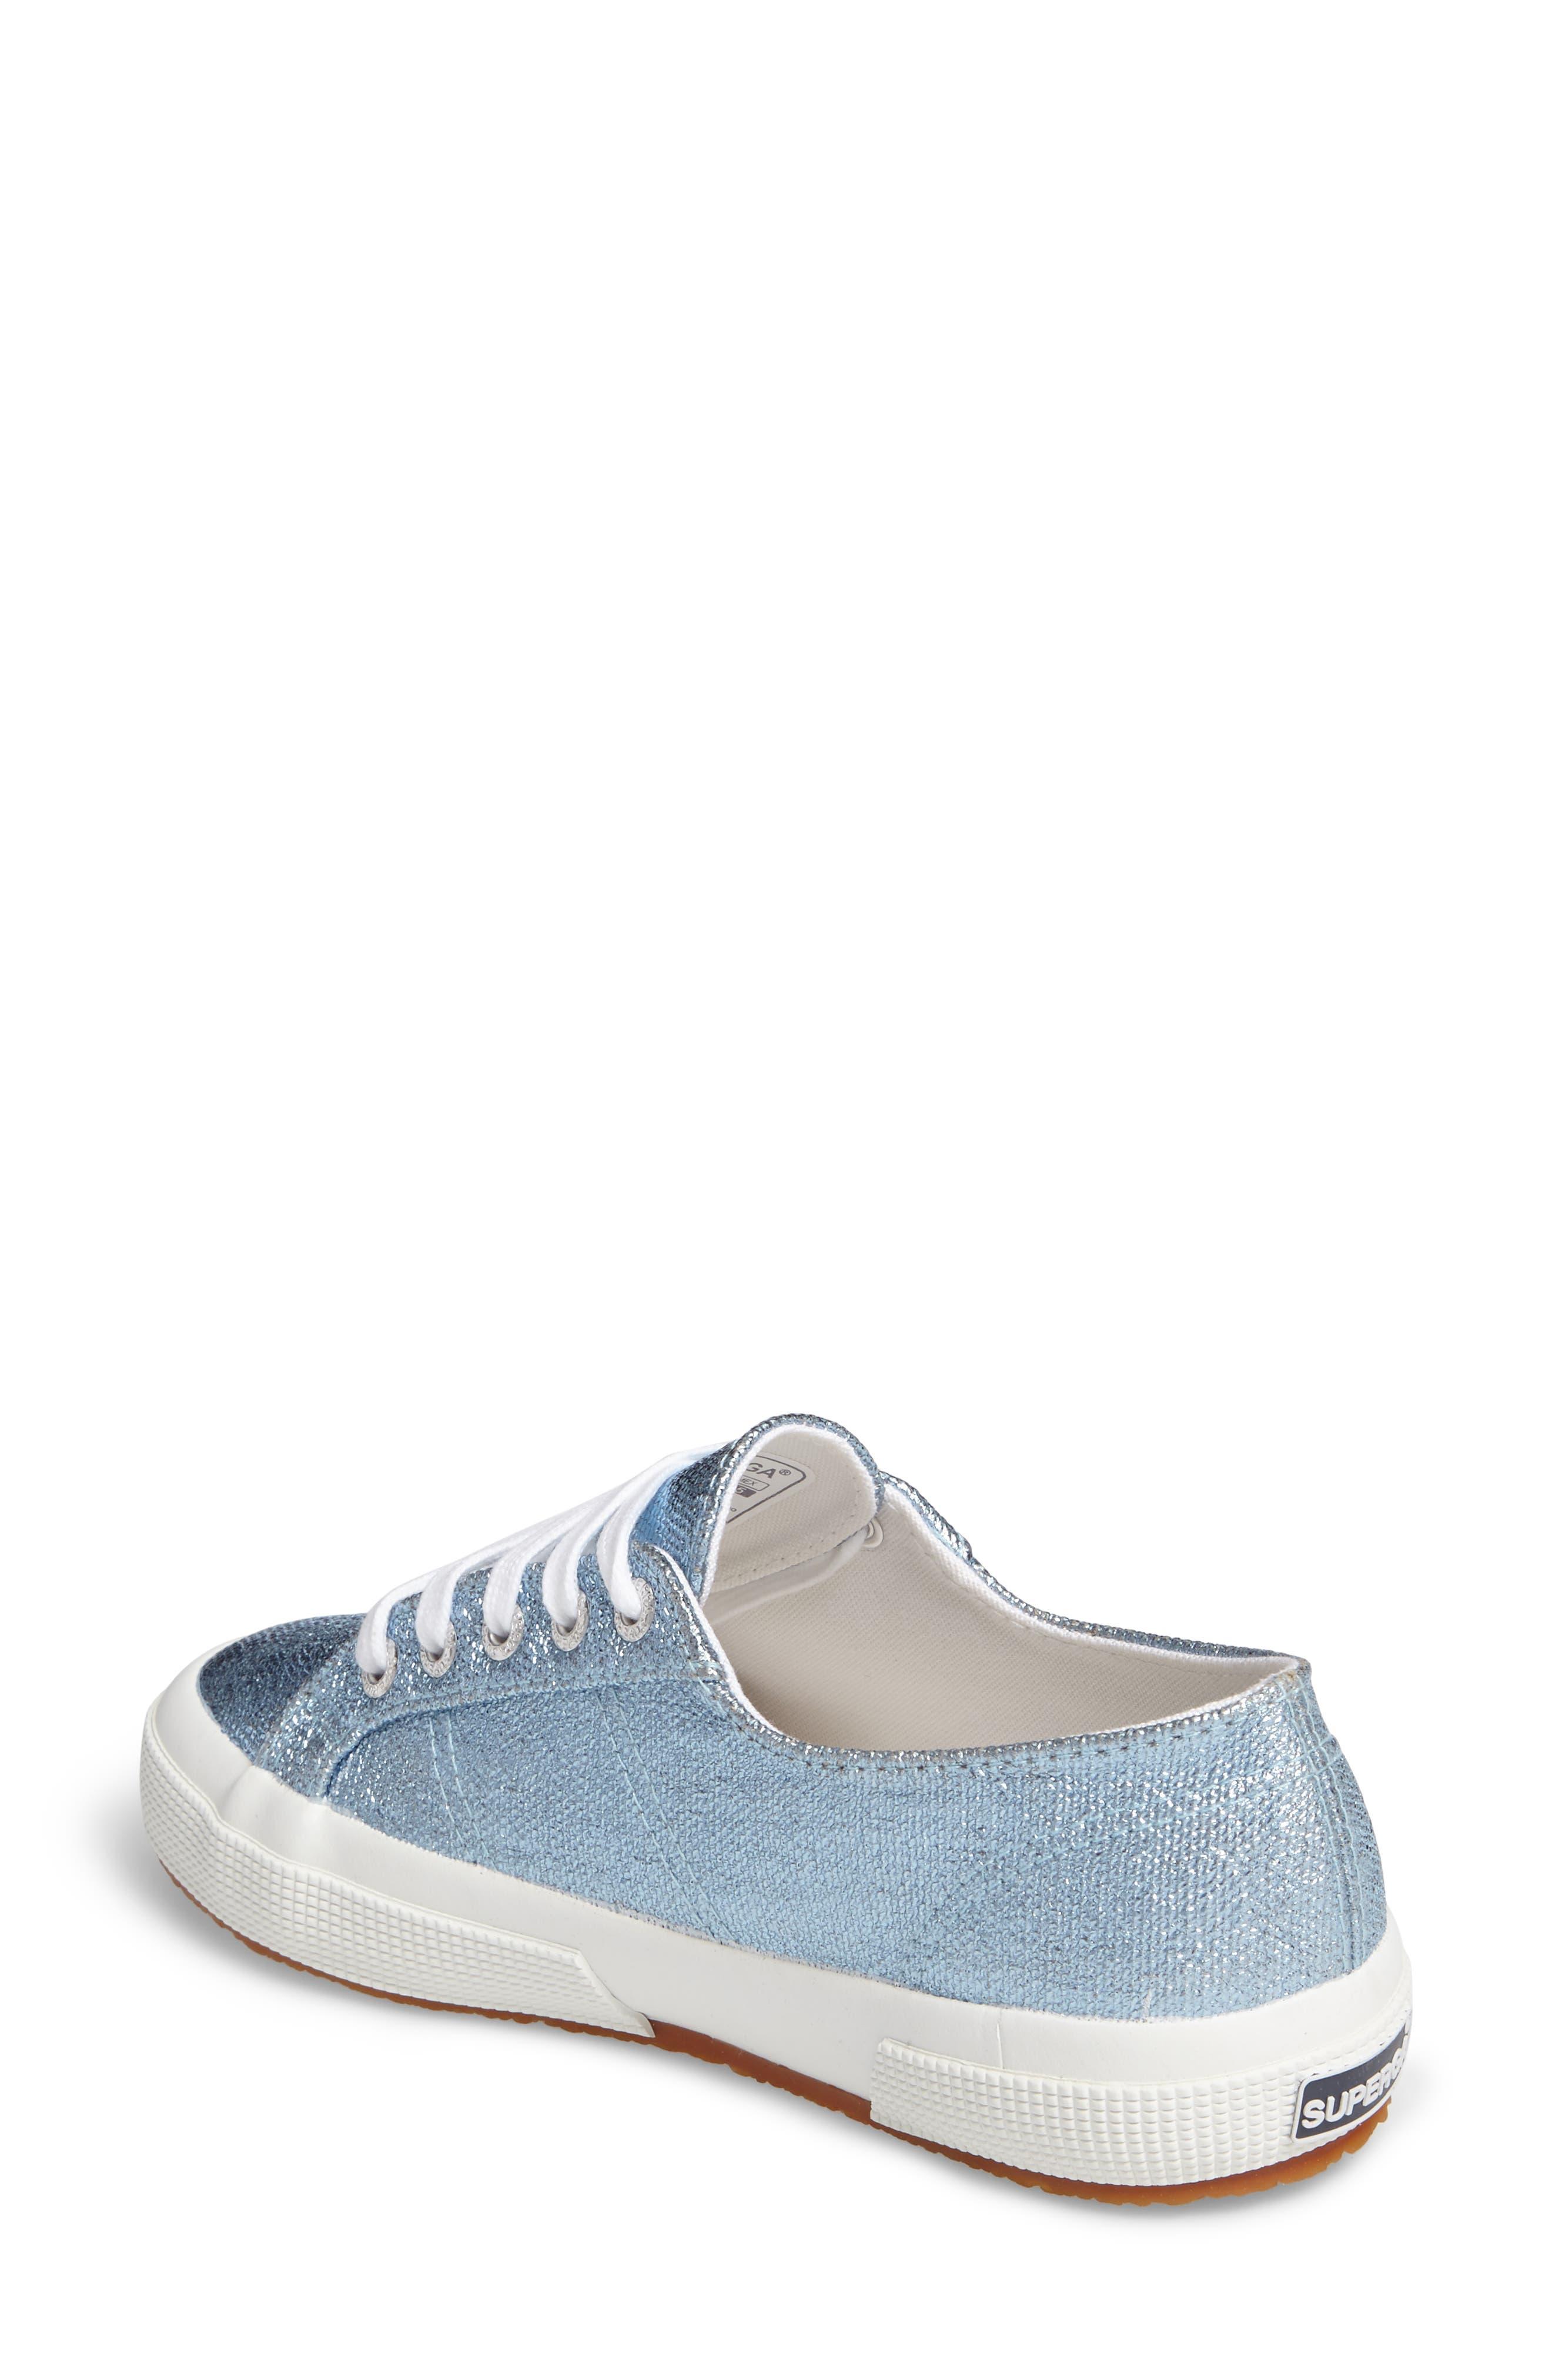 2750 Metallic Sneaker,                             Alternate thumbnail 2, color,                             Light Blue